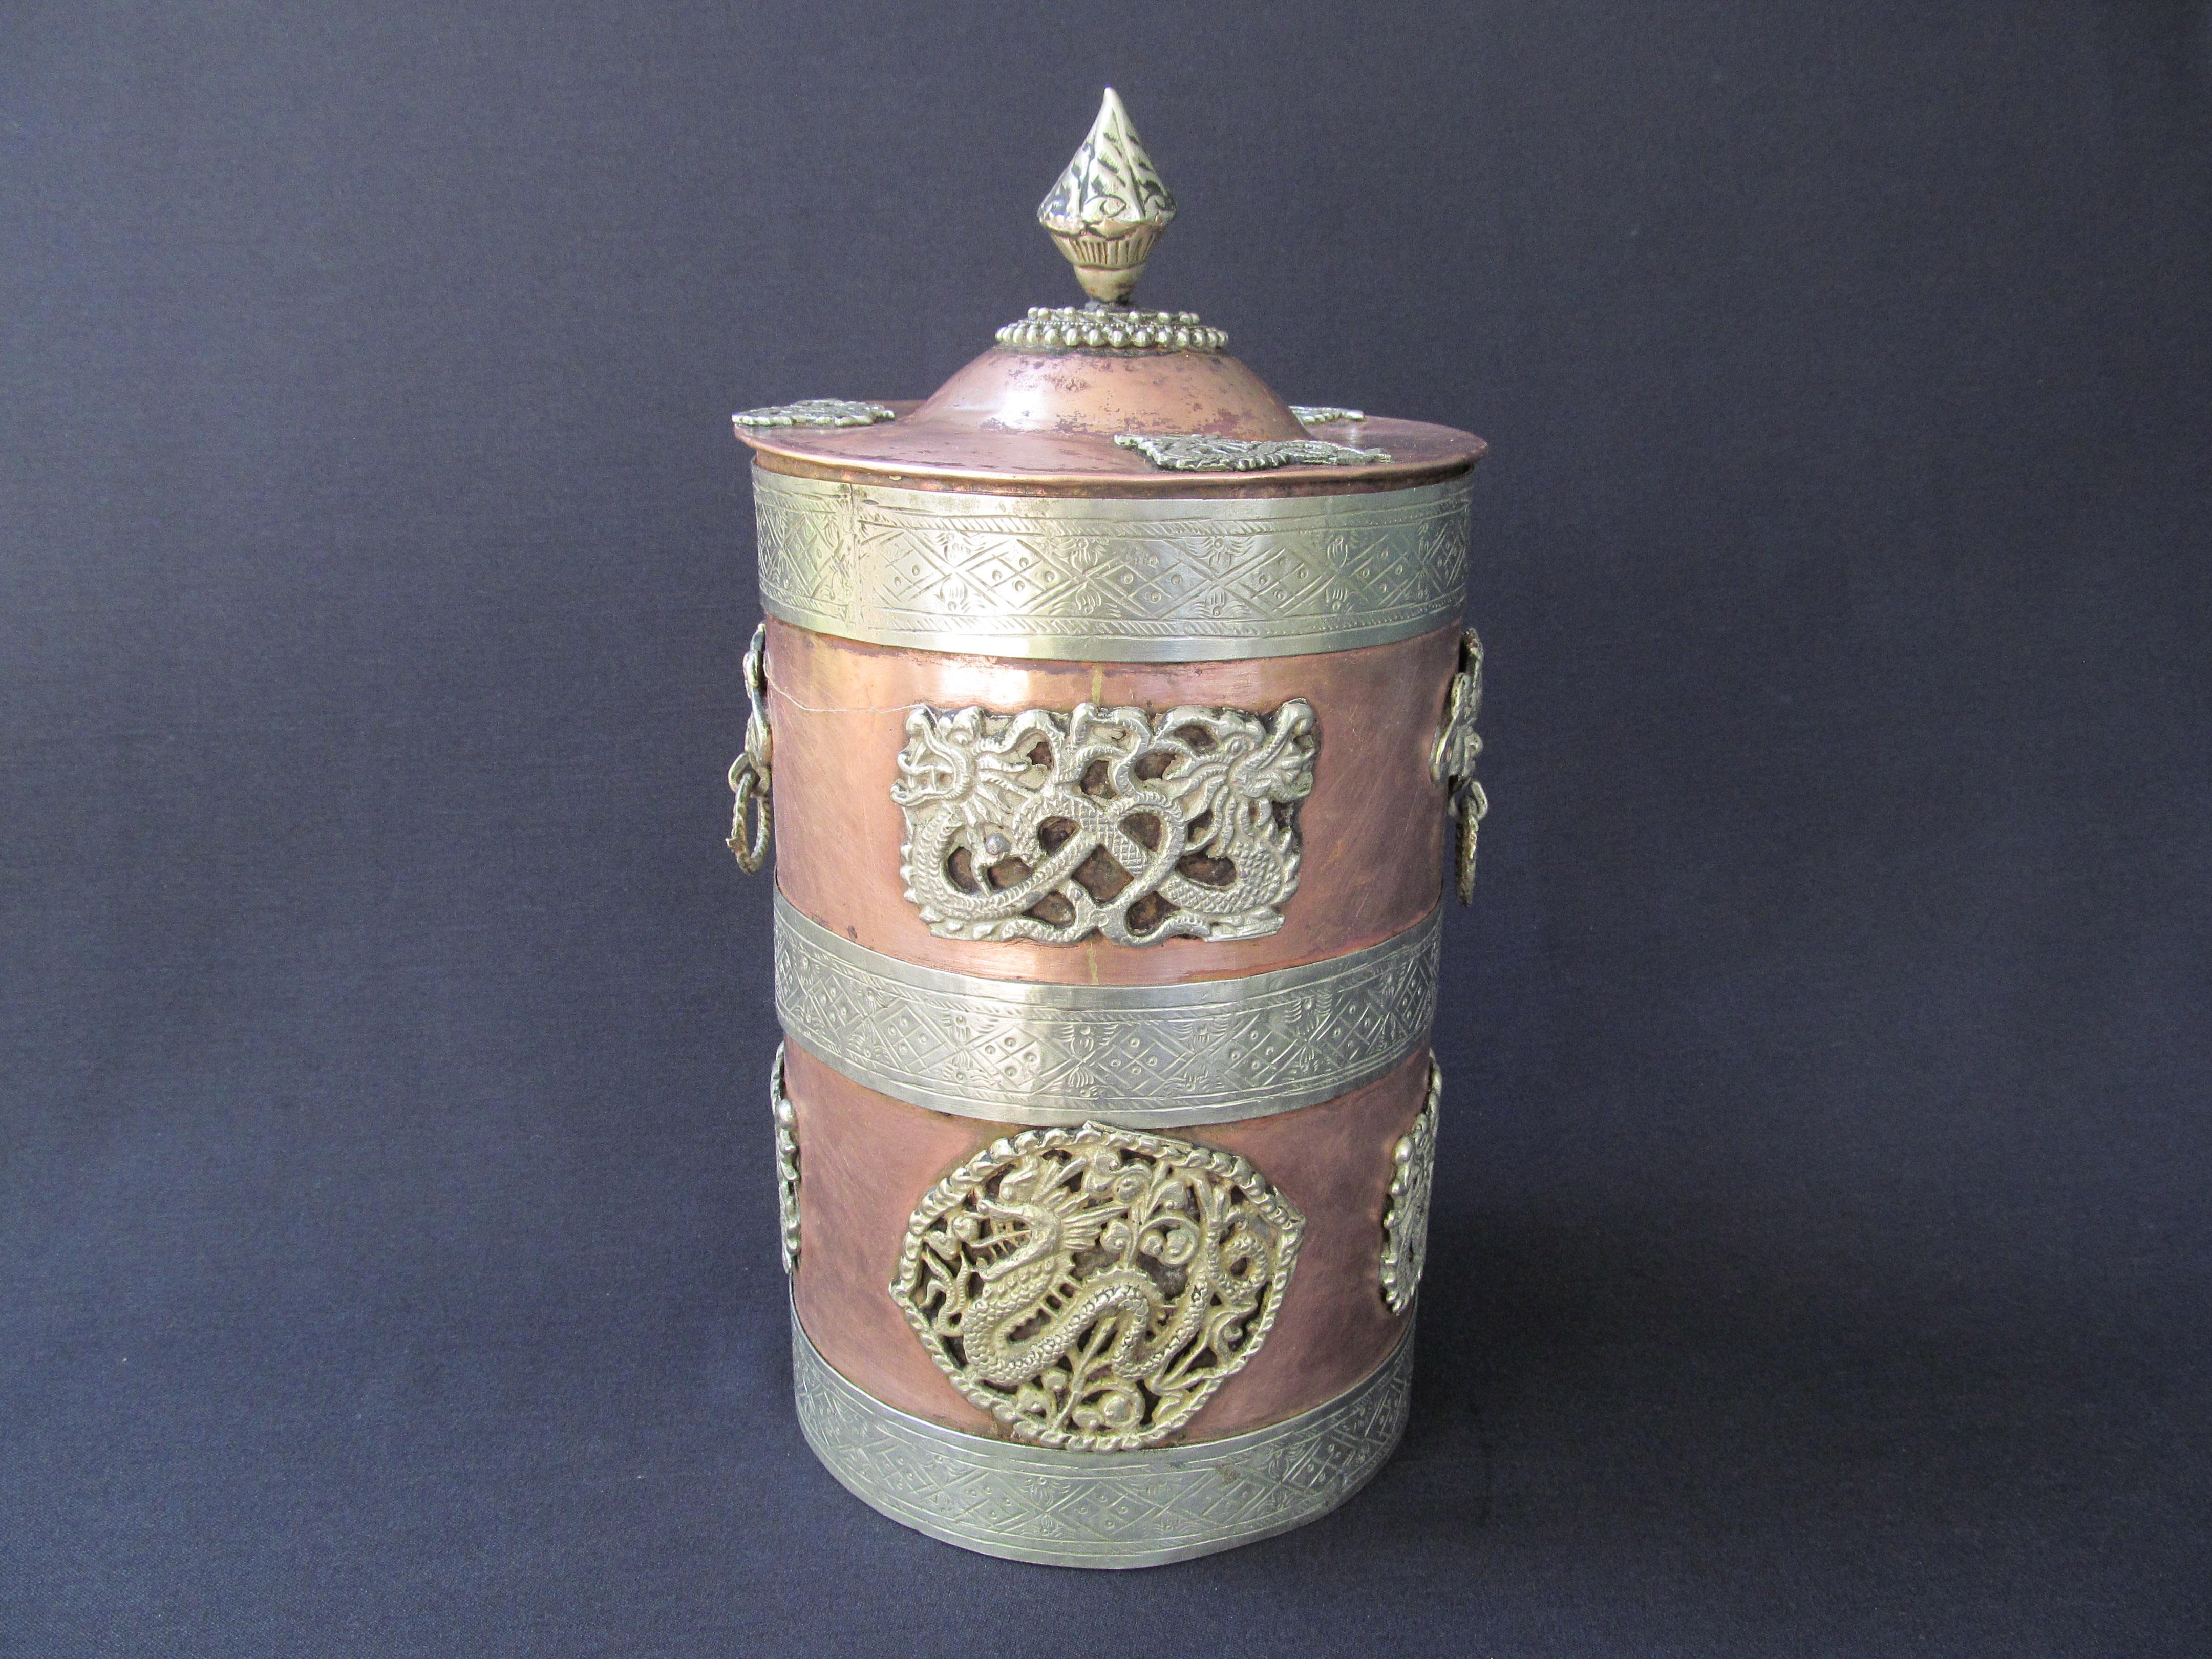 Mystical Copper vessel